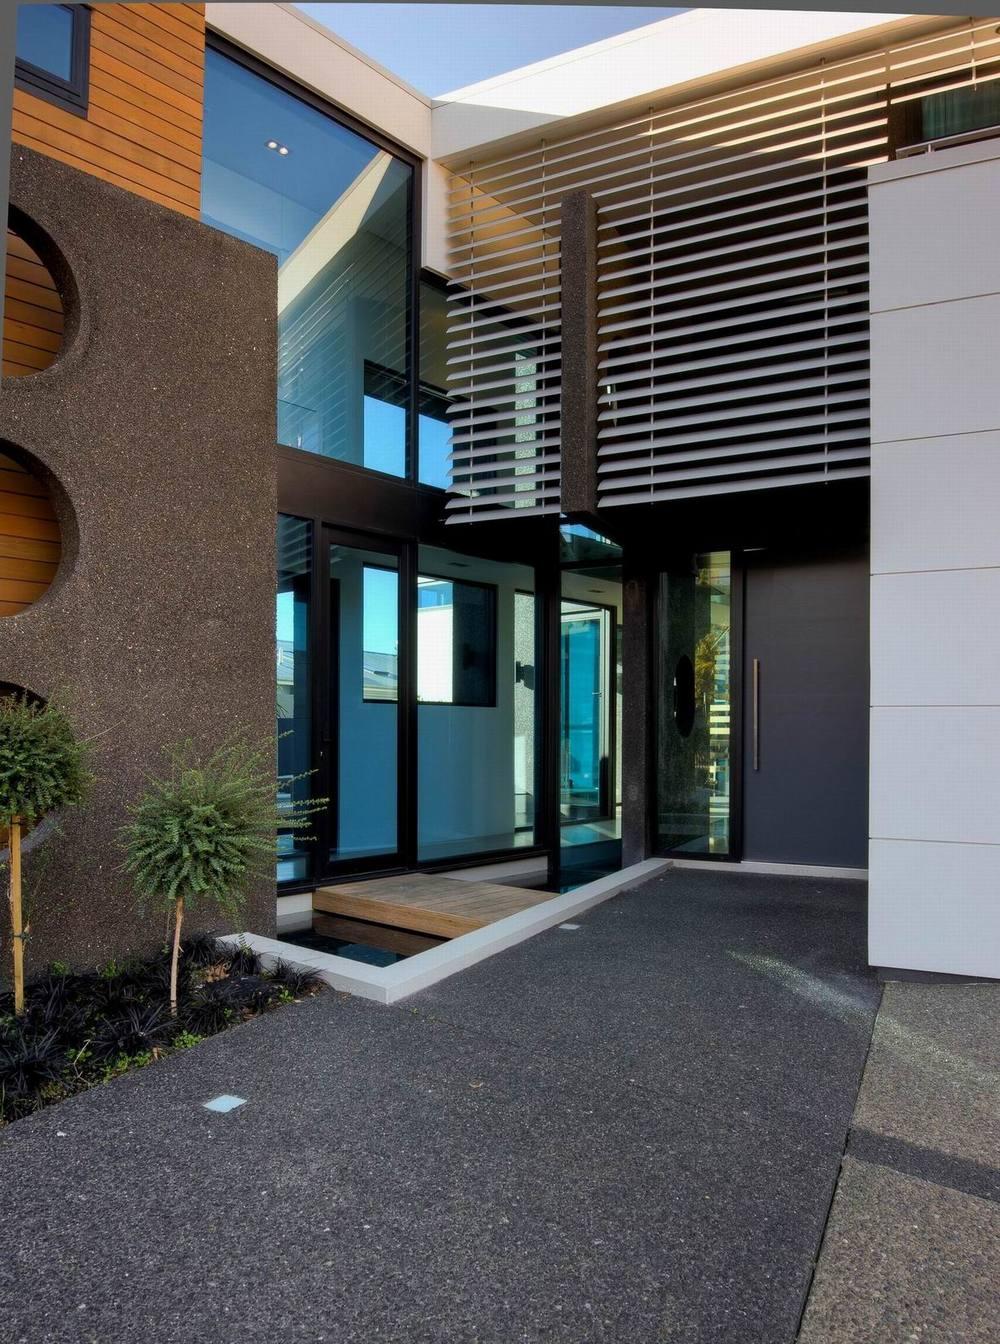 Vanaalst house_ext entry_5 of 6.jpg